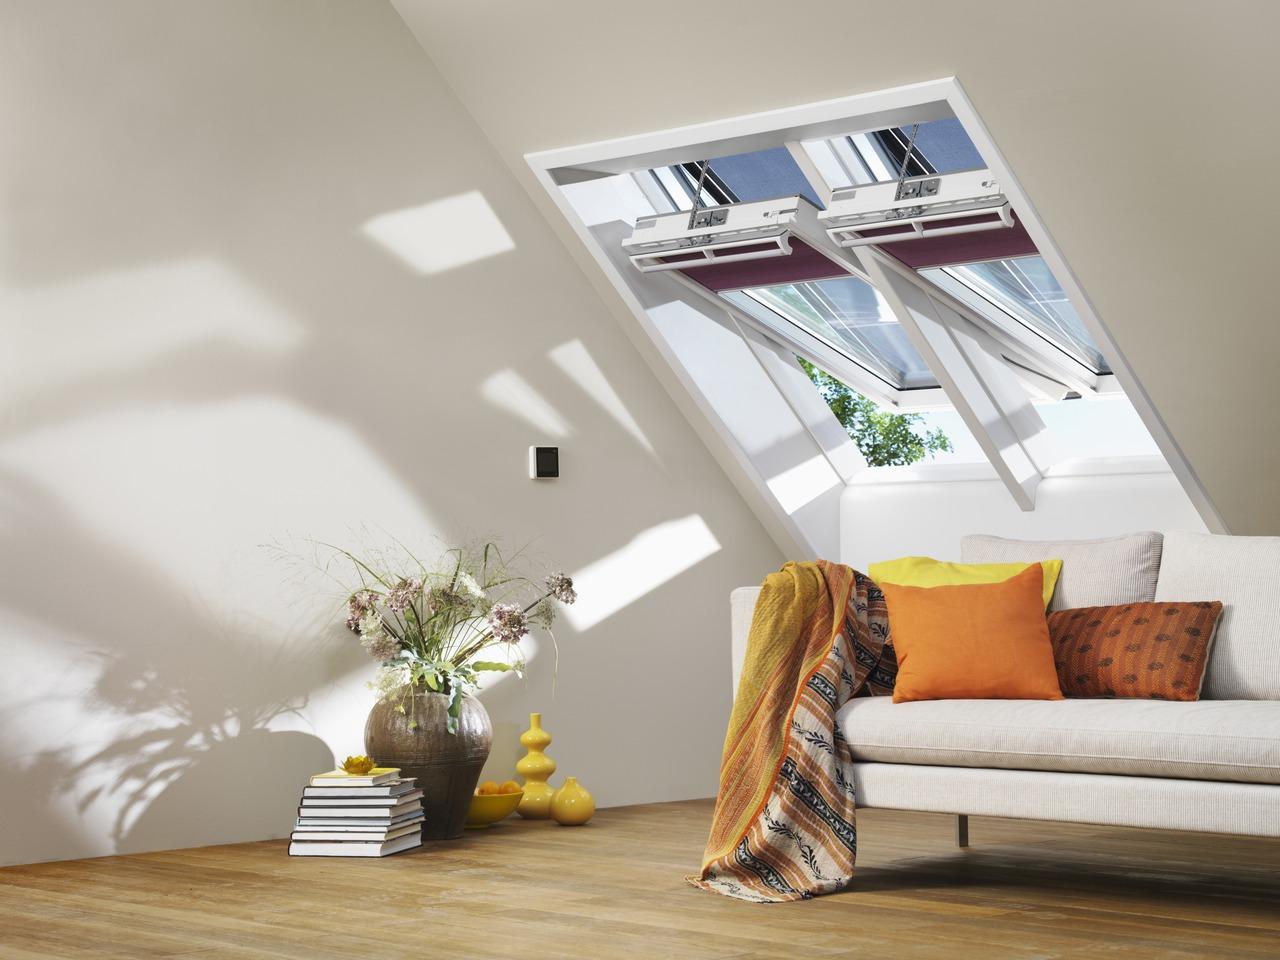 La nuova linea di finestre per tetti velux for Velux finestre per tetti dimensioni